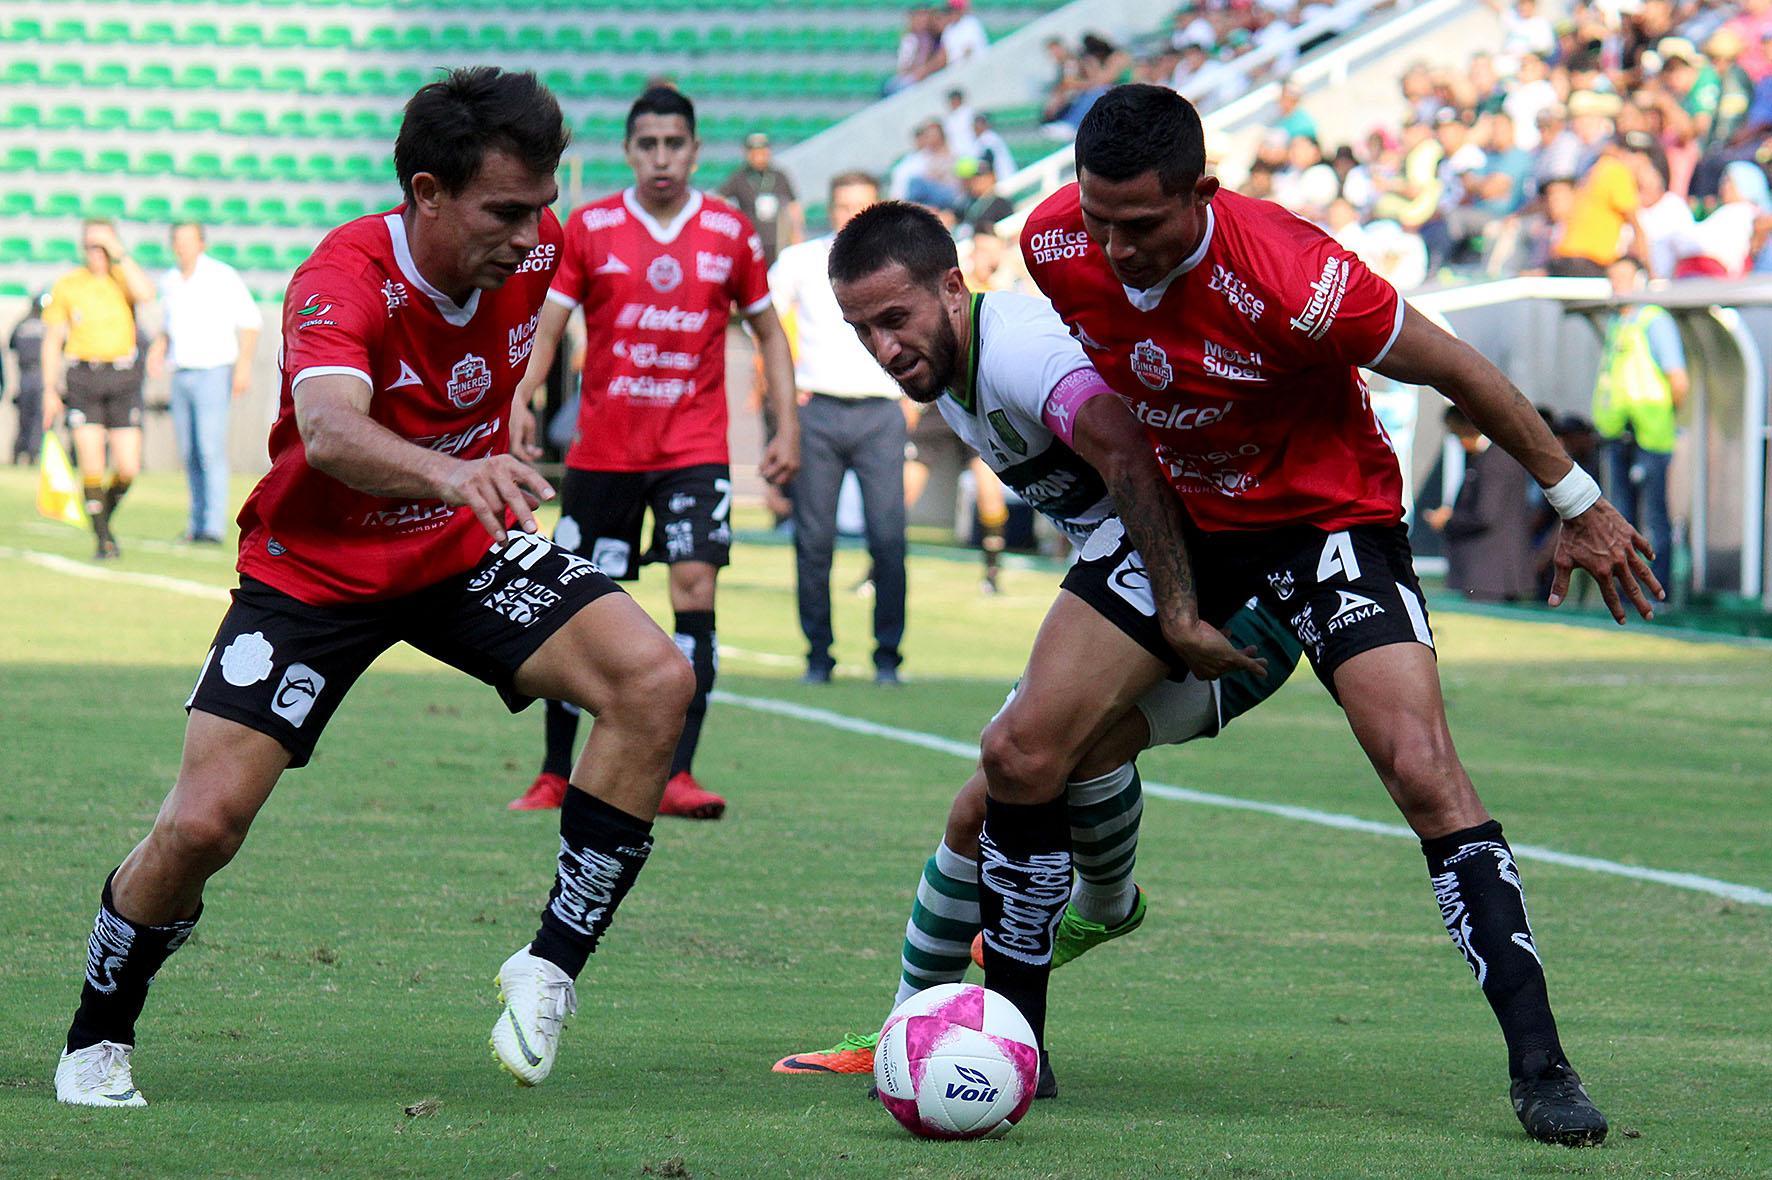 En el partido correspondiente a la Jornada 13 del ASCENSO Bancomer MX, el Atlético Zacatepec estaba obligado a ganar en casa, para mantener las esperanzas de pasar a la fiesta grande, sin embargo, el equipo visitante le sacó el resultado